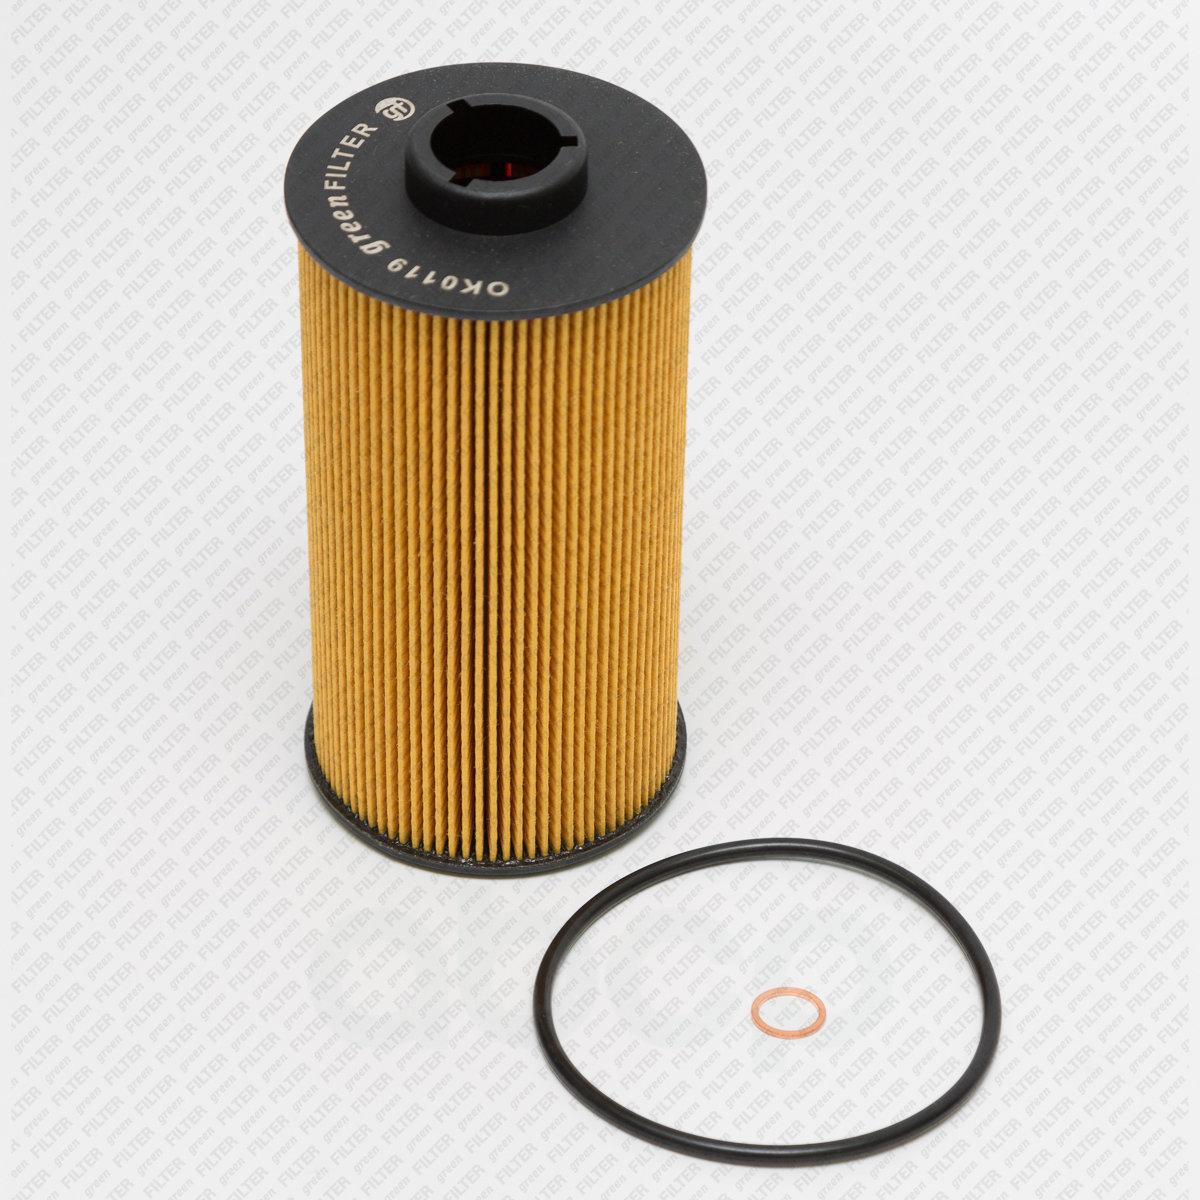 Фильтр масляный bmw 5 (e34) 3.0,4.0,v8 92- / (e39) 3.5,4.0 96- / 7 (e32) 3.0-5.0,v8,v12 94- / (e3 Green Filter арт. OK0119